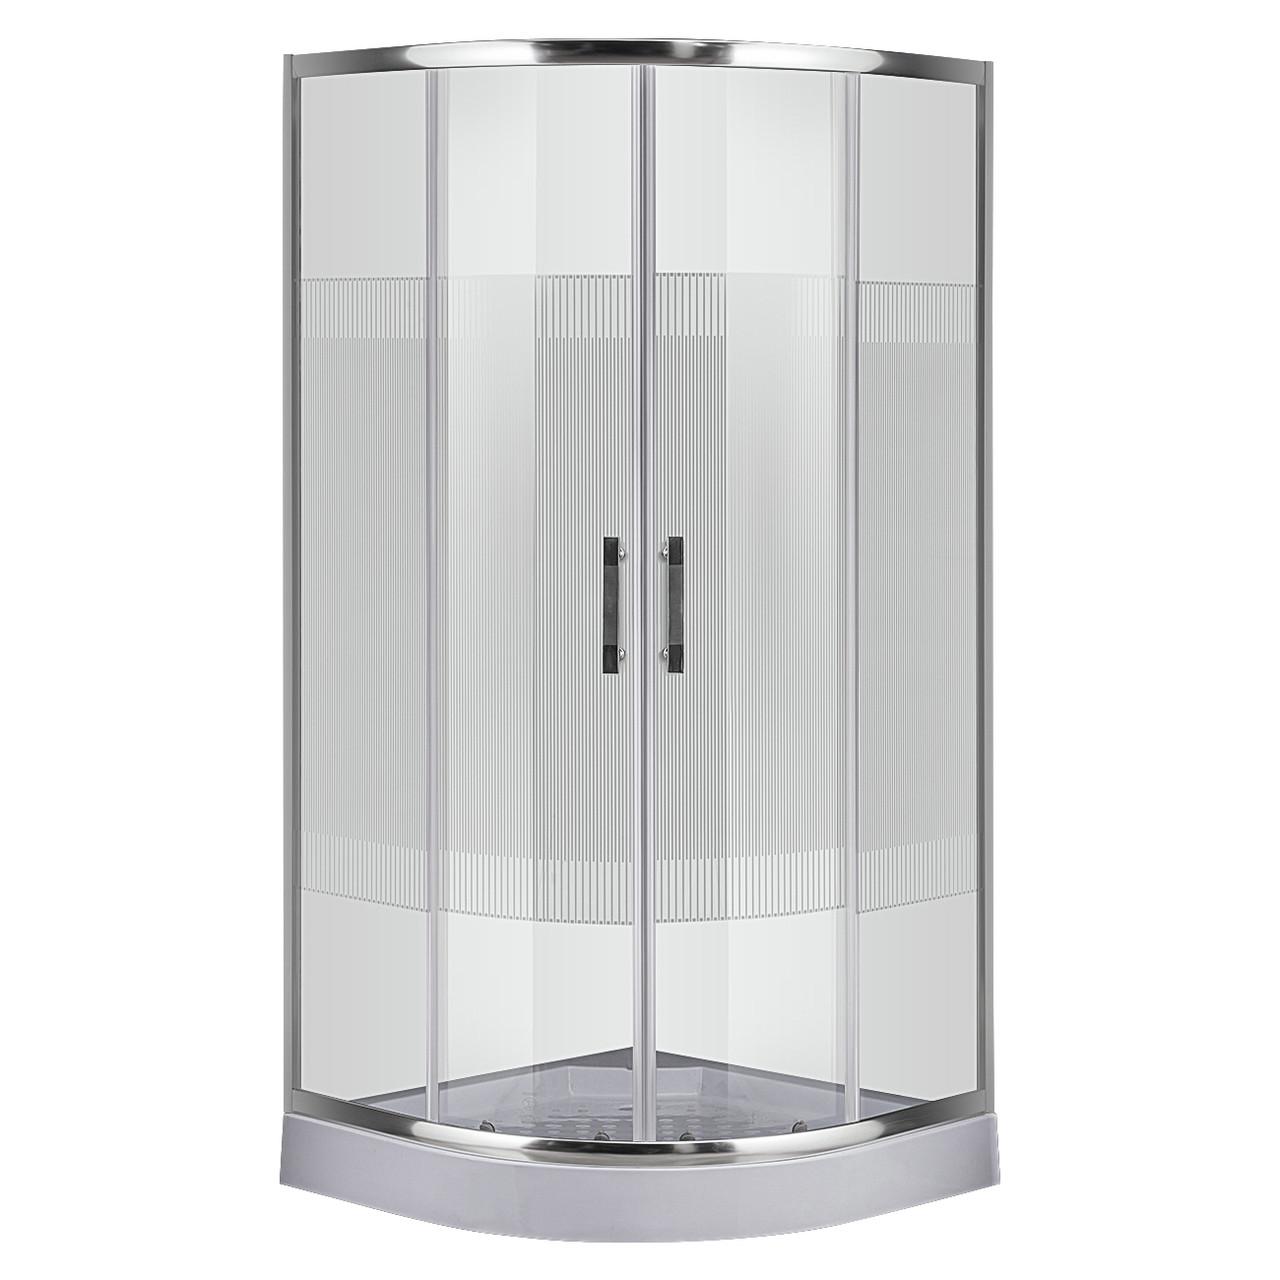 Душевой угол Sansa SH-90/15, профиль brushed, стекло прозрачное-lines